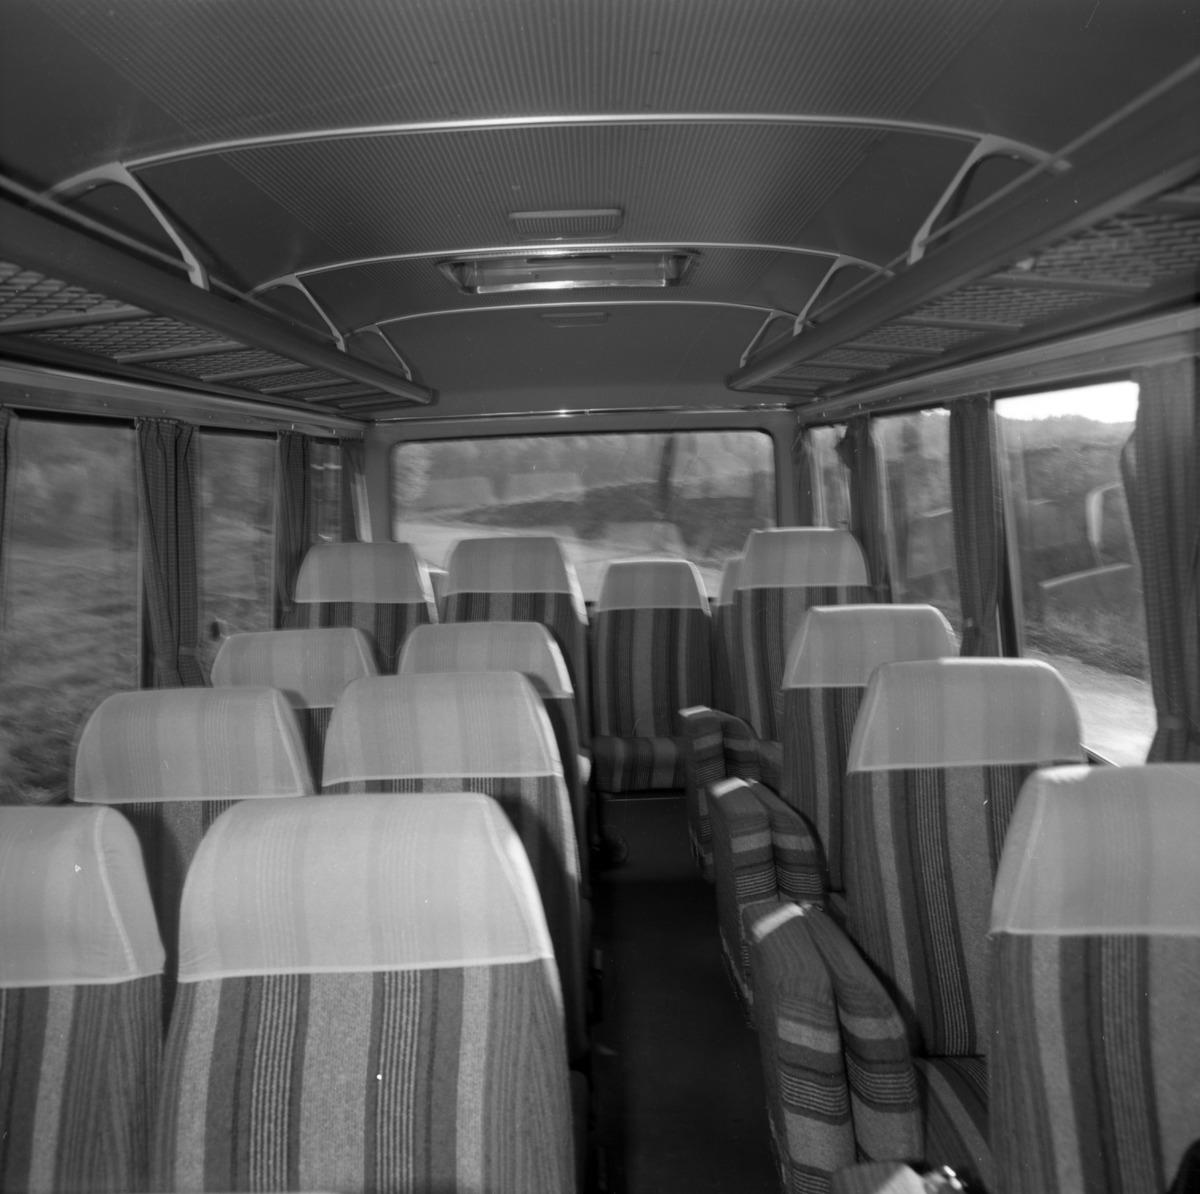 Wnętrze autobusu. [1]